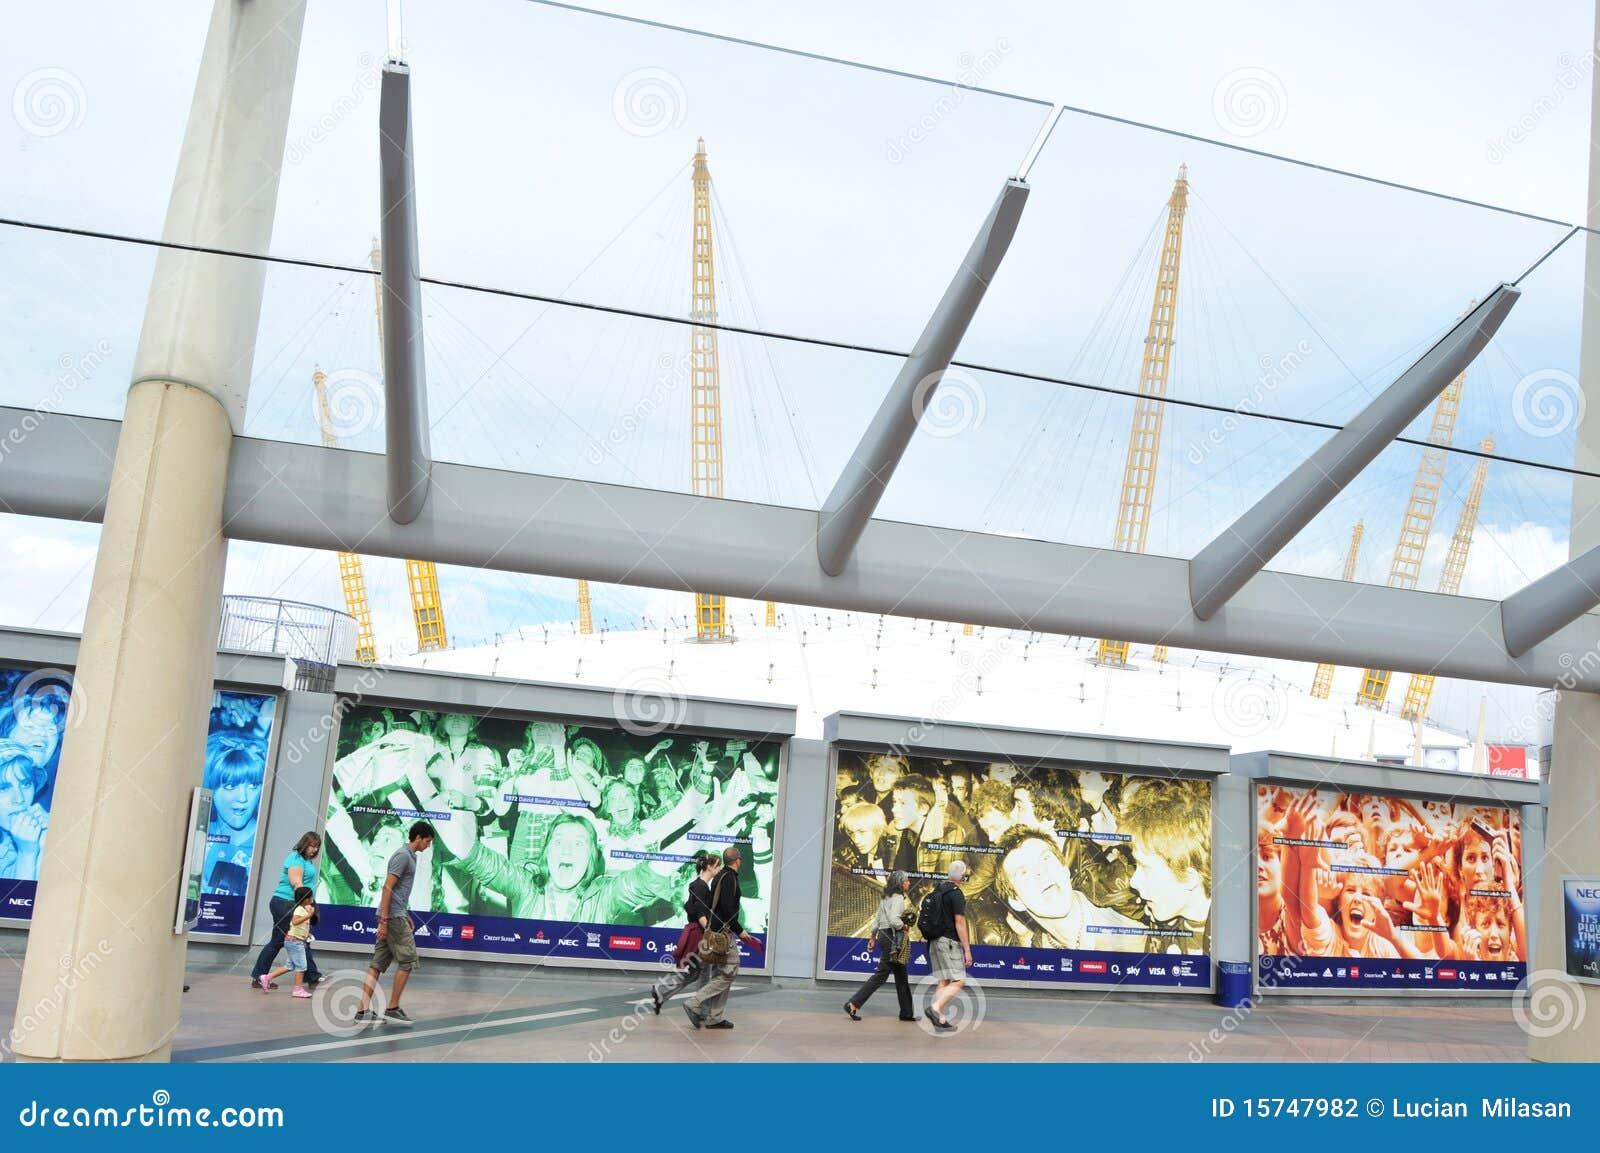 A arena O2